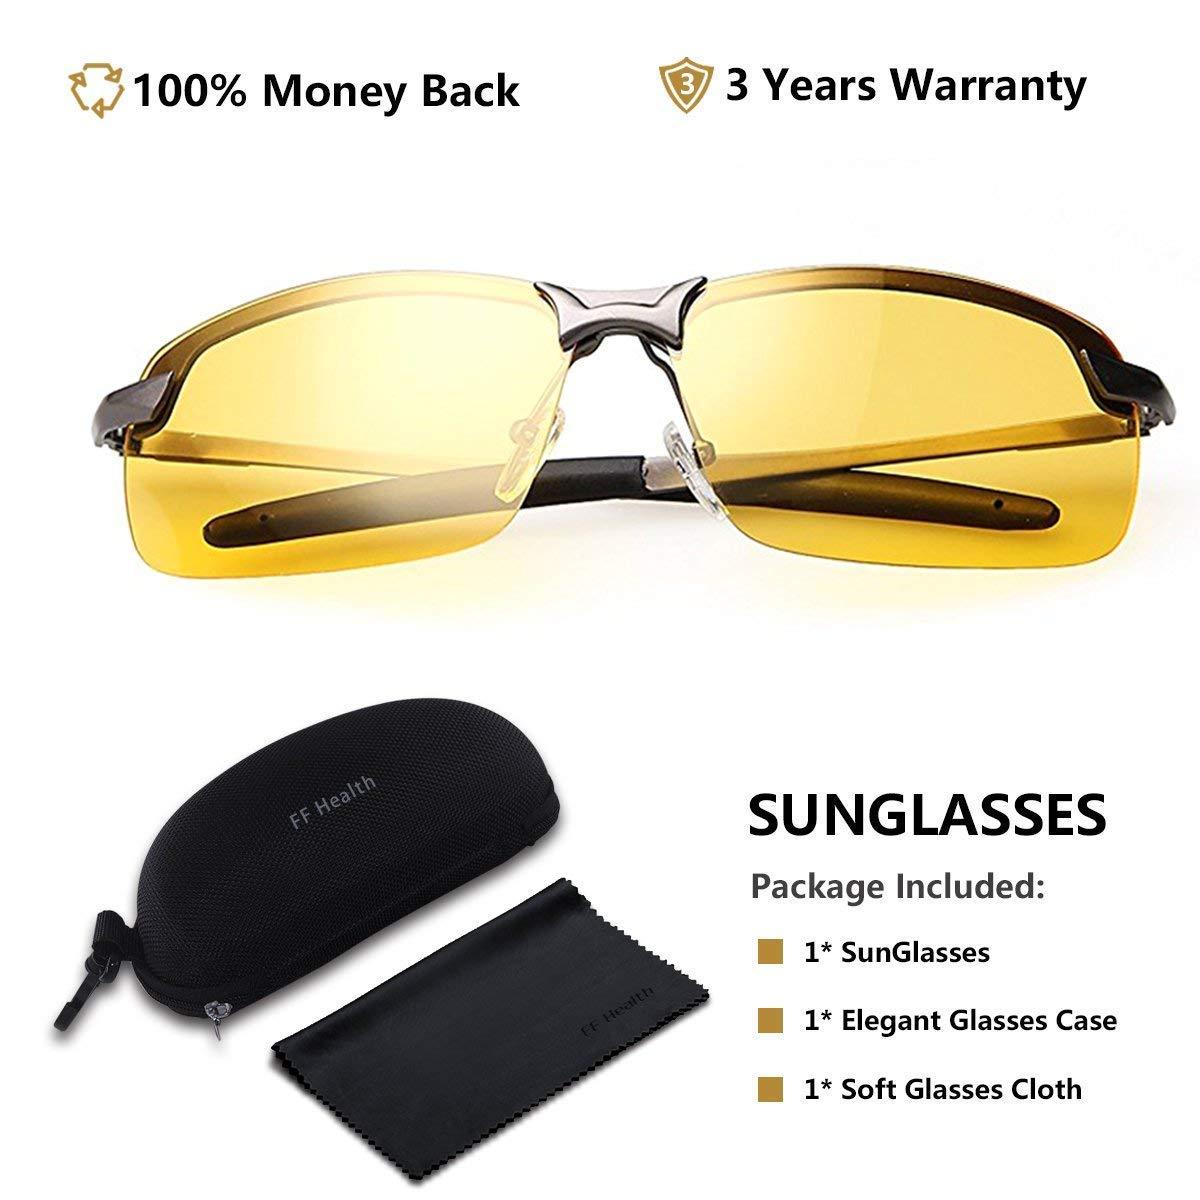 Amazon.com: Gafas Nocturna | Gafas de sol - Para la pesca/Conducción nocturna/Reducción de riesgos | Antideslumbrantes/Protección UV400 de Ojos/HD Vision ...